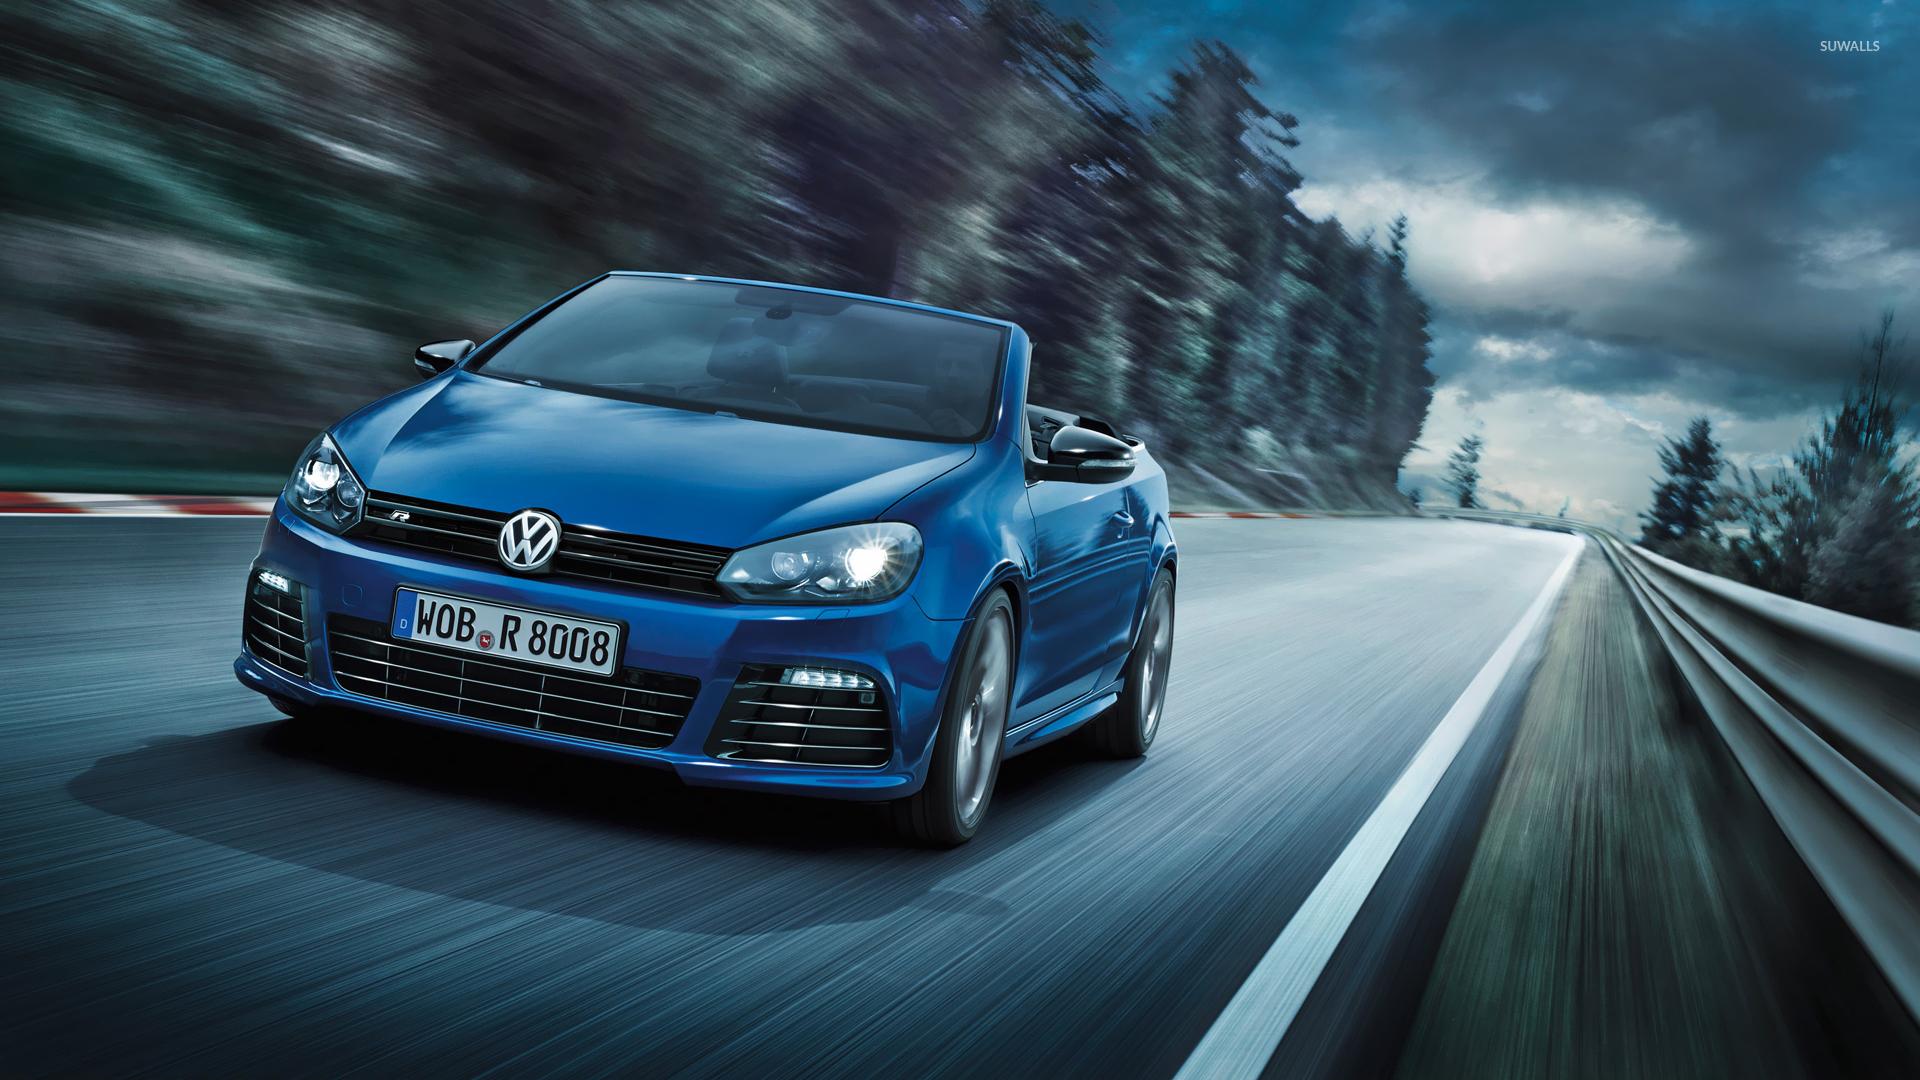 2013 Blue Volkswagen Golf R Cabriolet Wallpaper